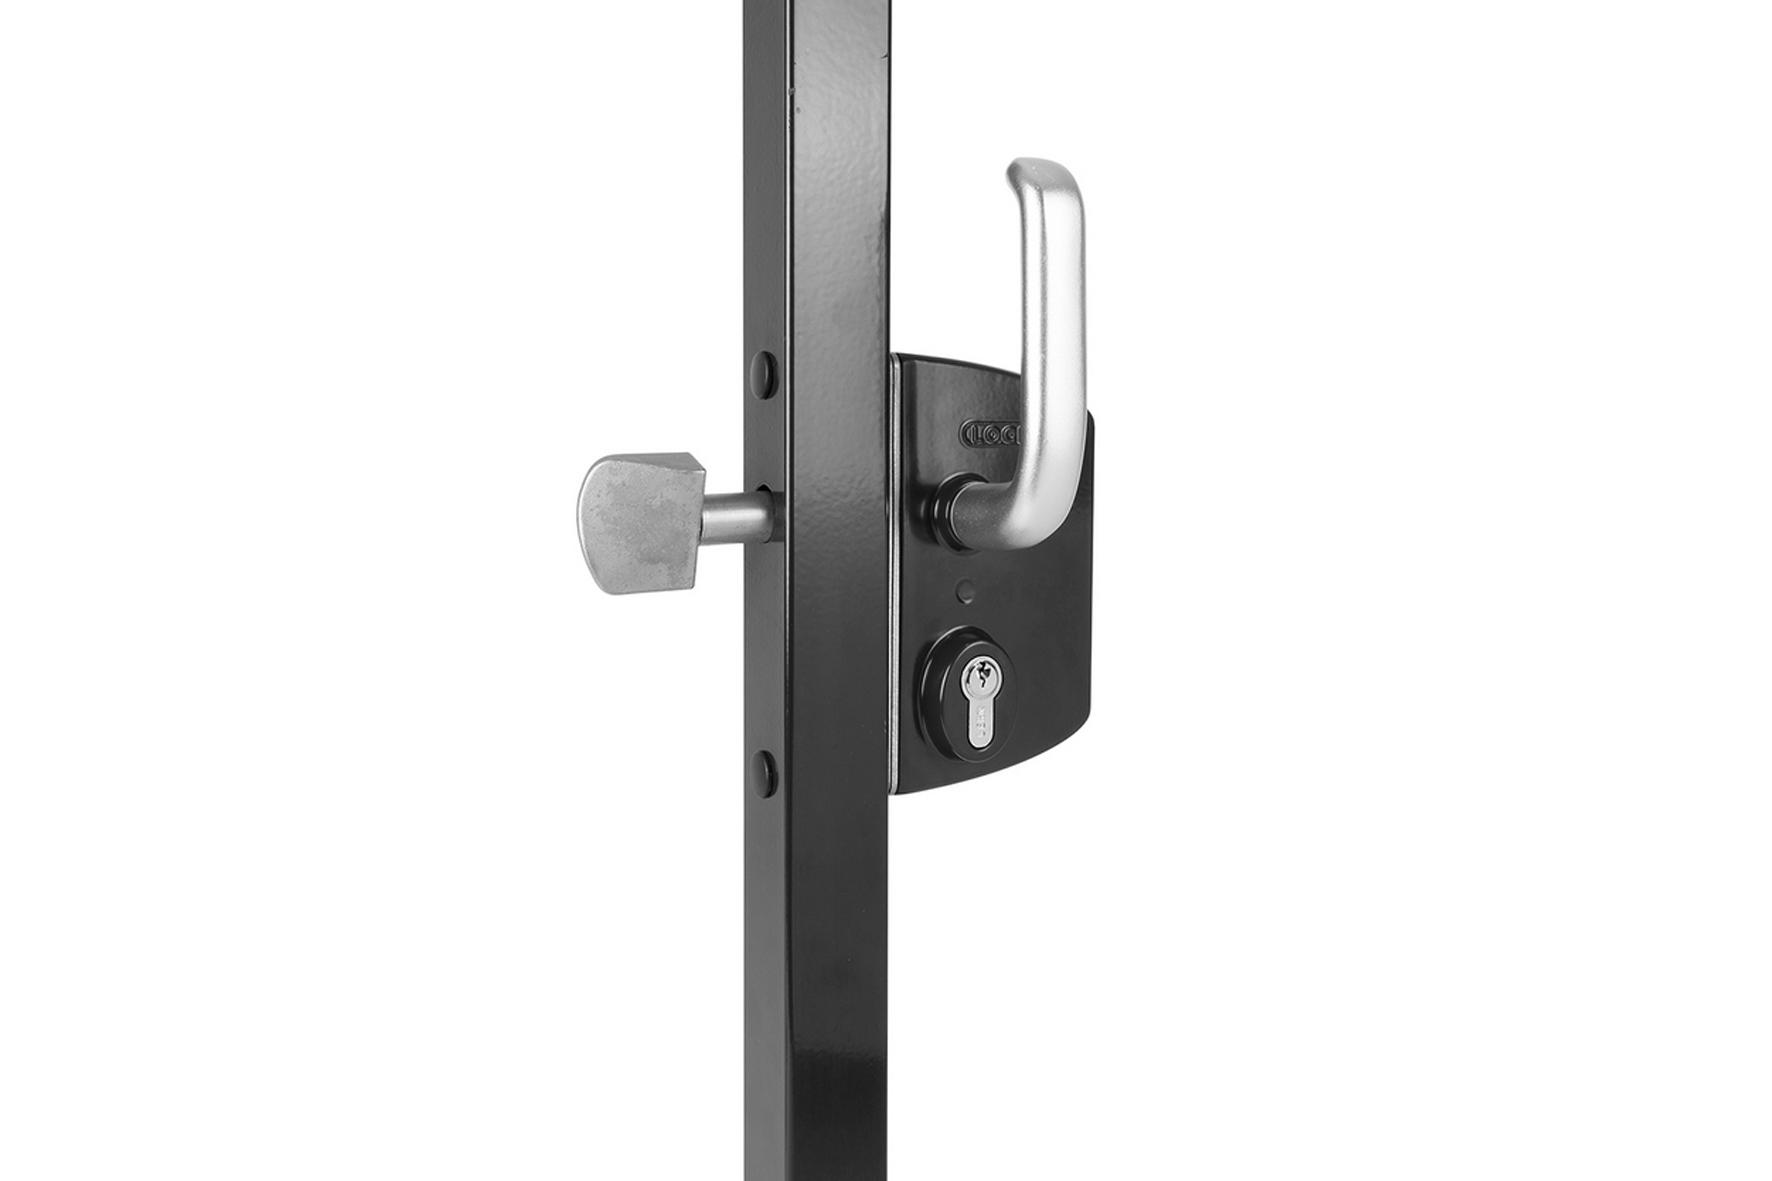 serrure aluminium pour portail coulissant achat en ligne ou dans notre magasin. Black Bedroom Furniture Sets. Home Design Ideas